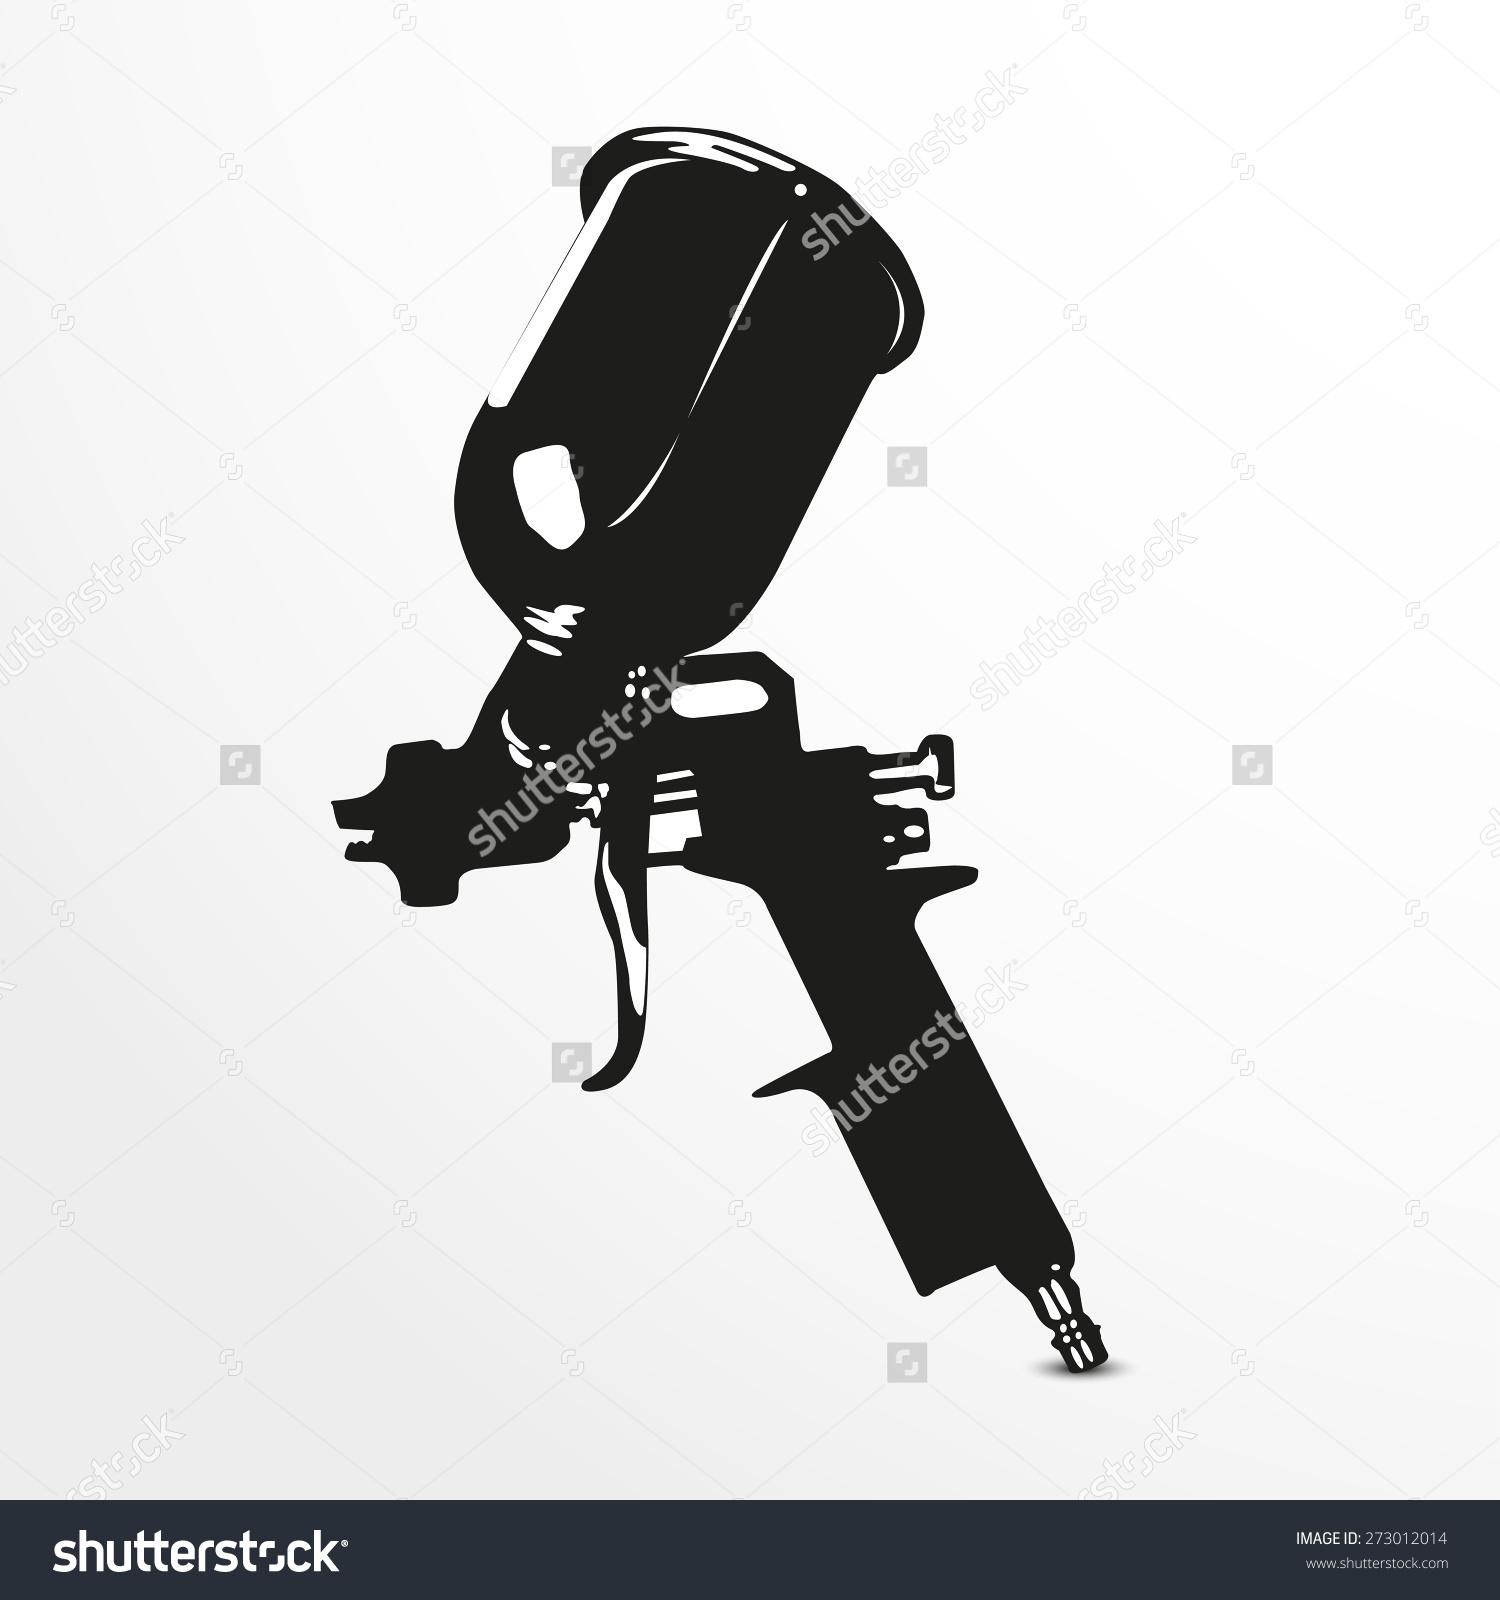 Spray gun clipart.